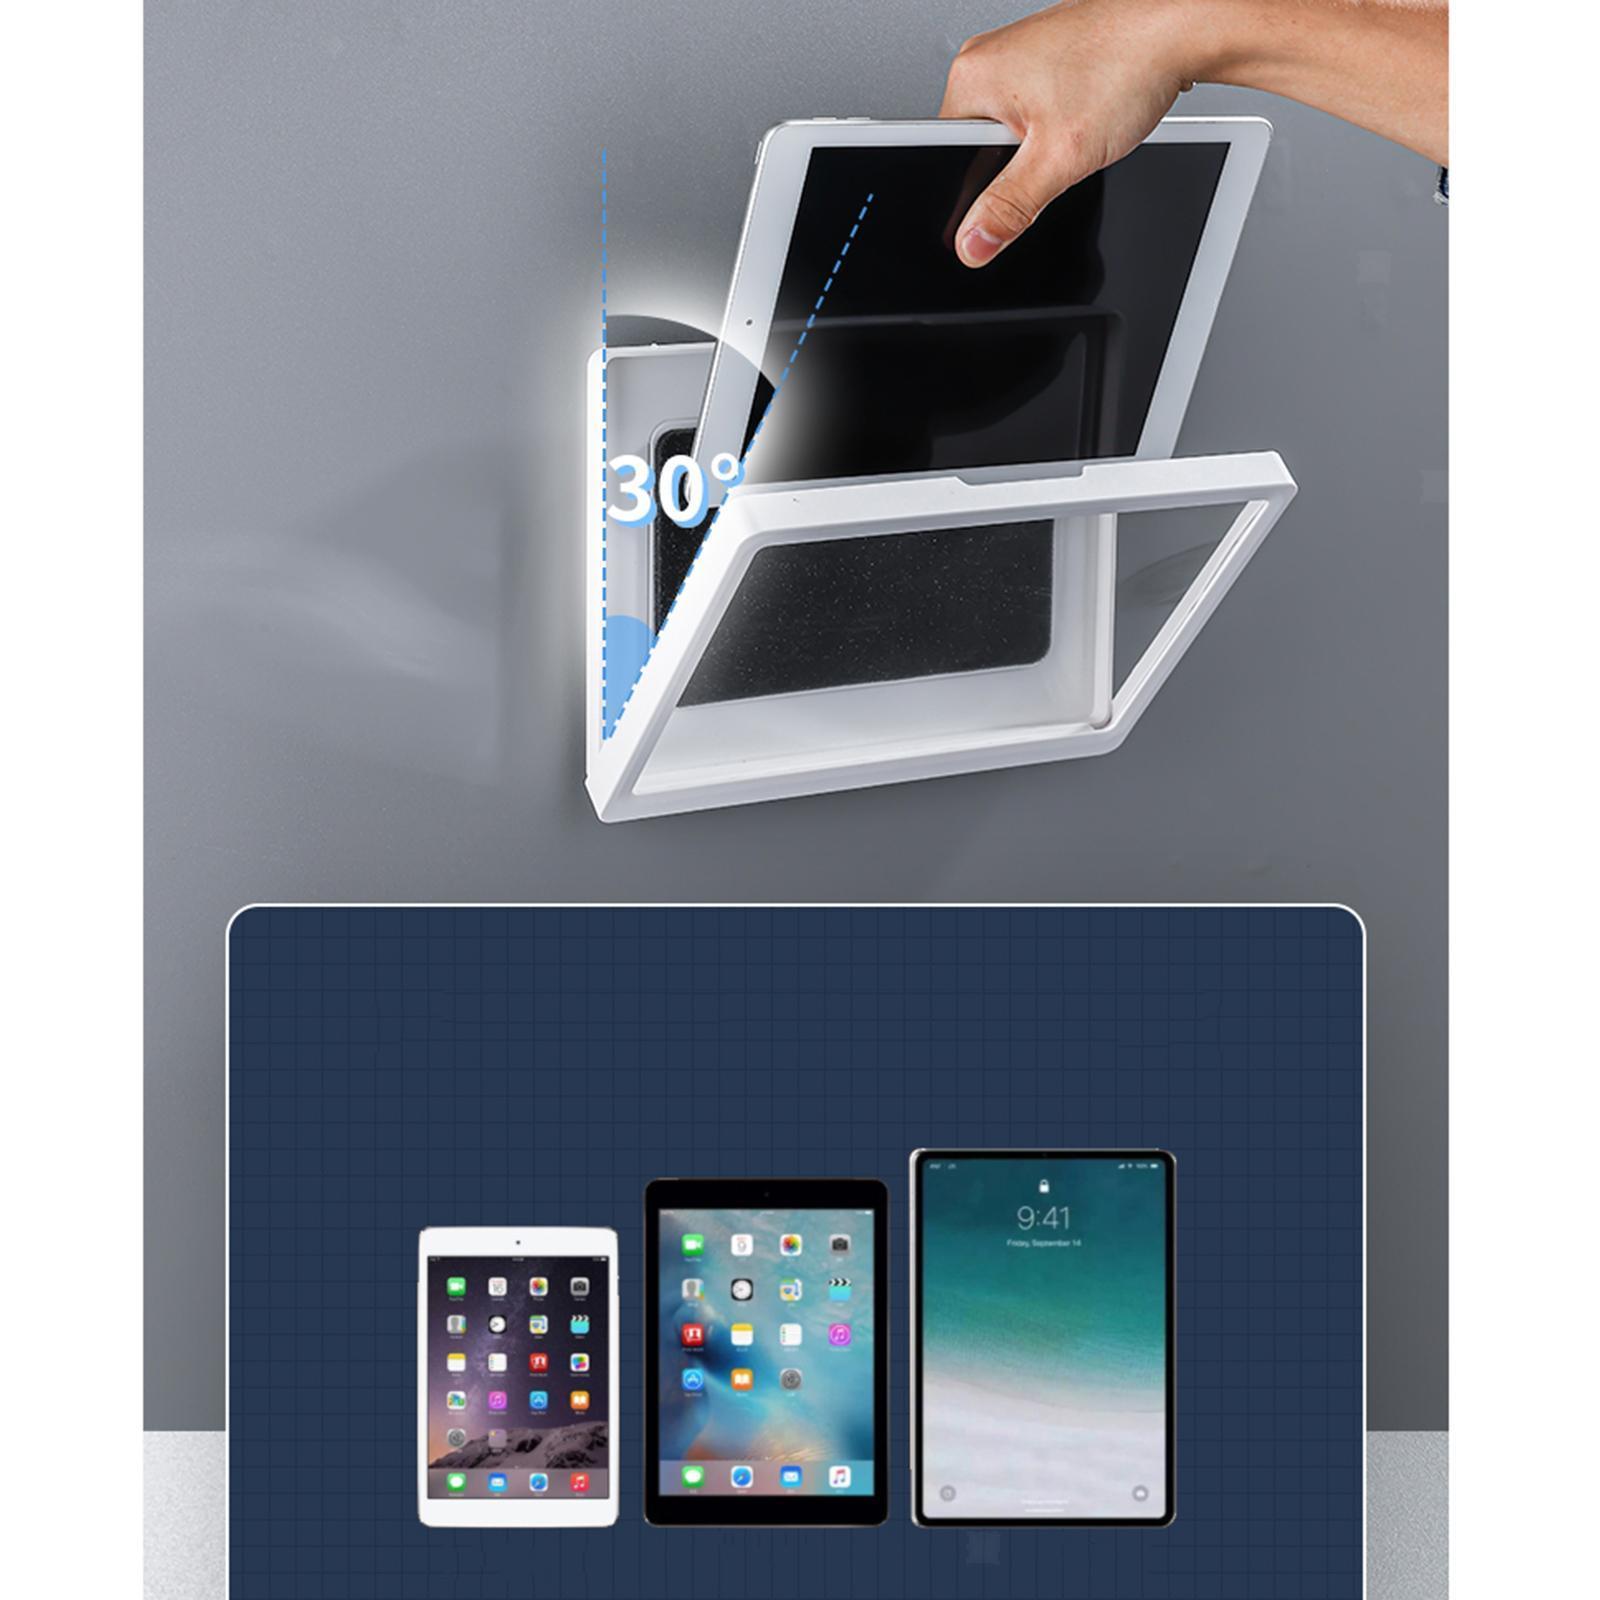 Indexbild 7 - Wand halterung Dusche Tablet Halter Badezimmer gehäuse Halterung Regal, Tablet